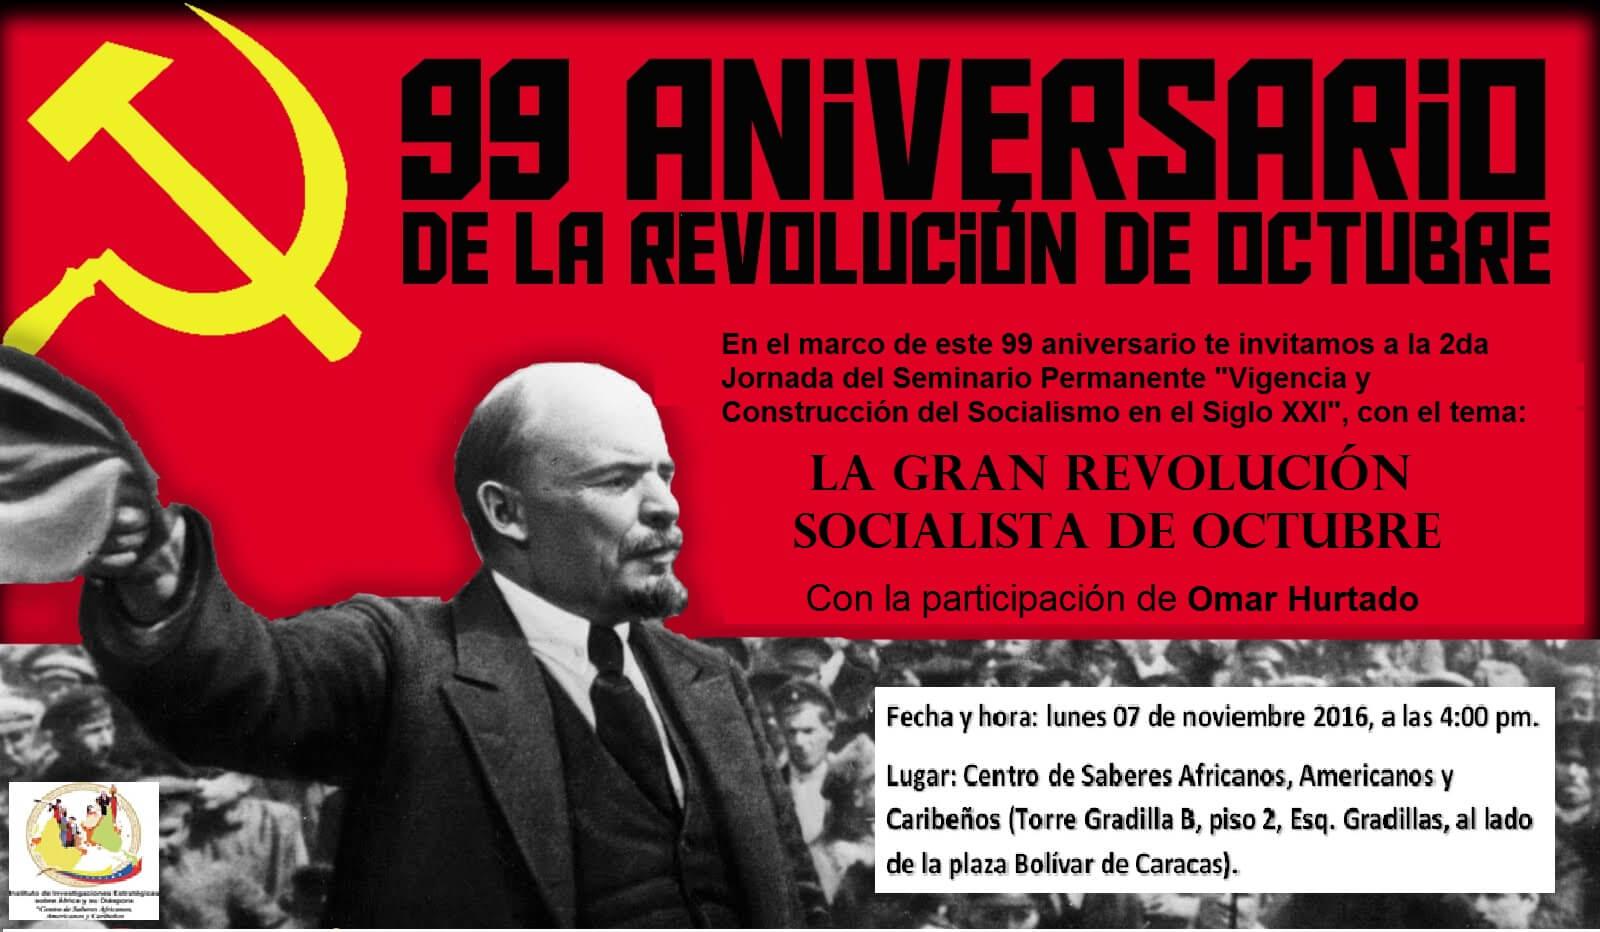 2da. Jornada seminario Permanente Socialismo